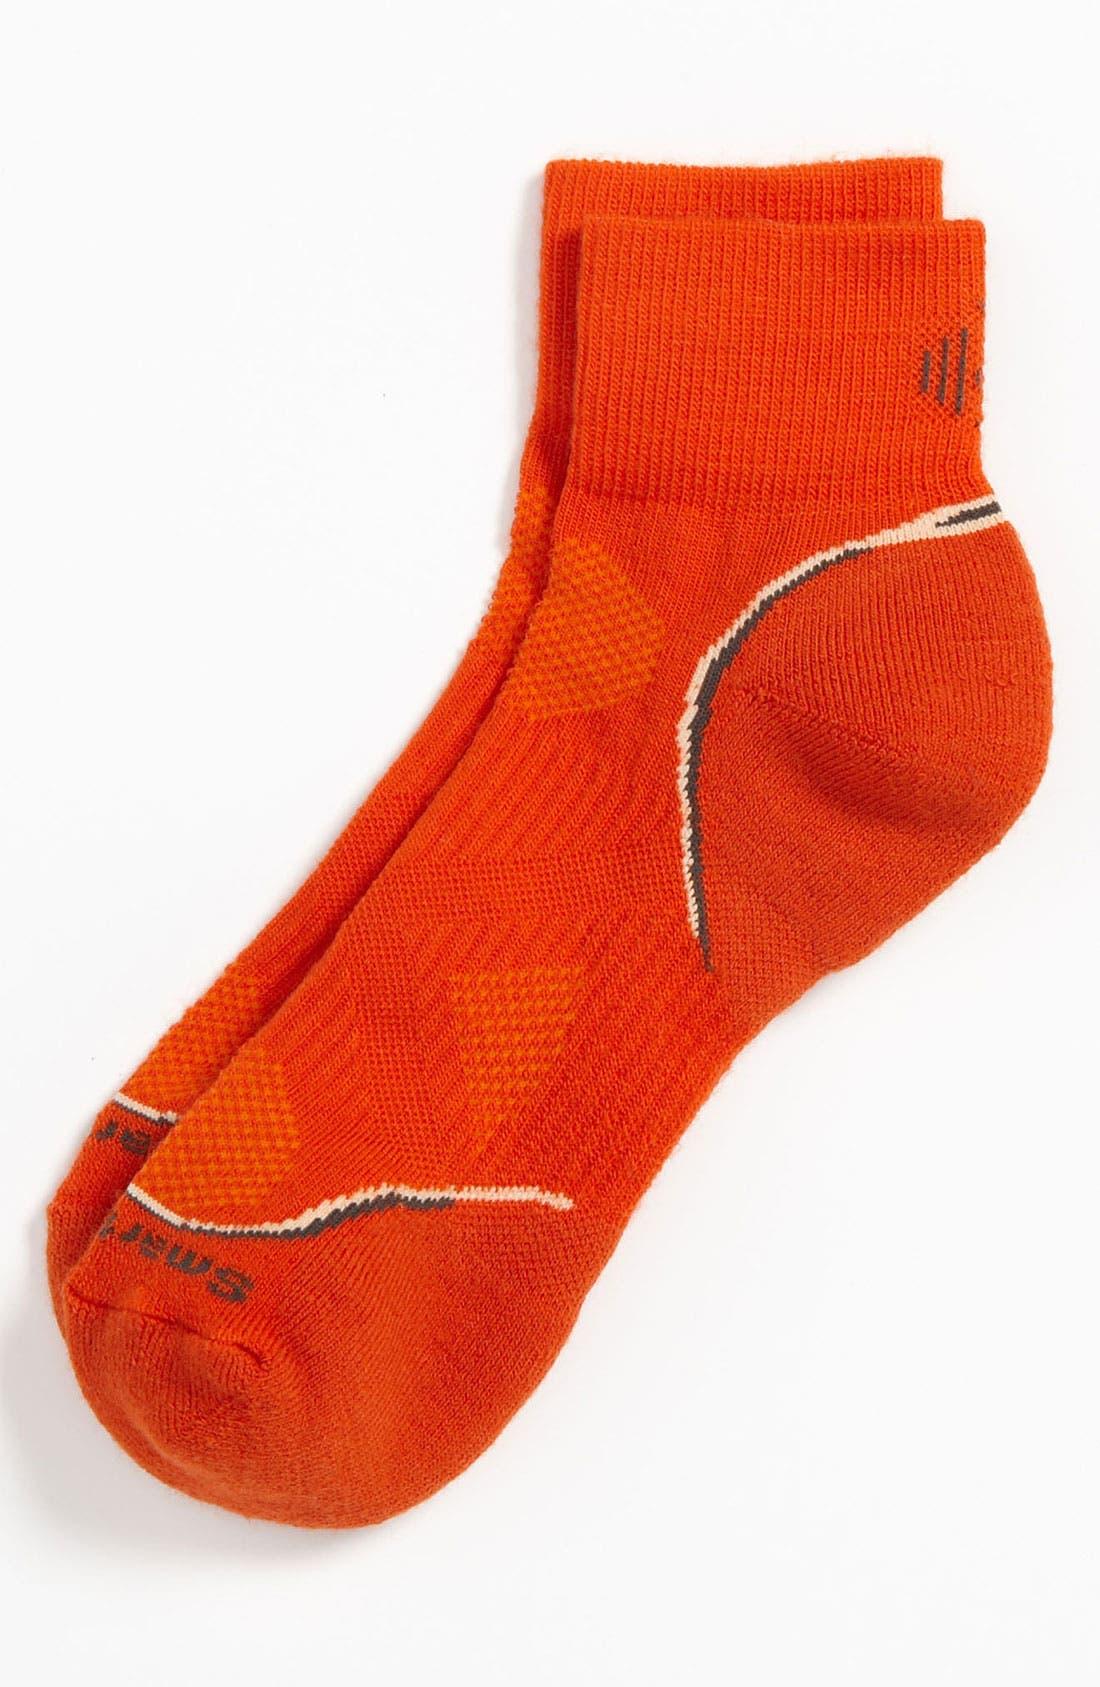 Alternate Image 1 Selected - Smartwool 'PhD' Running Light Mini Socks